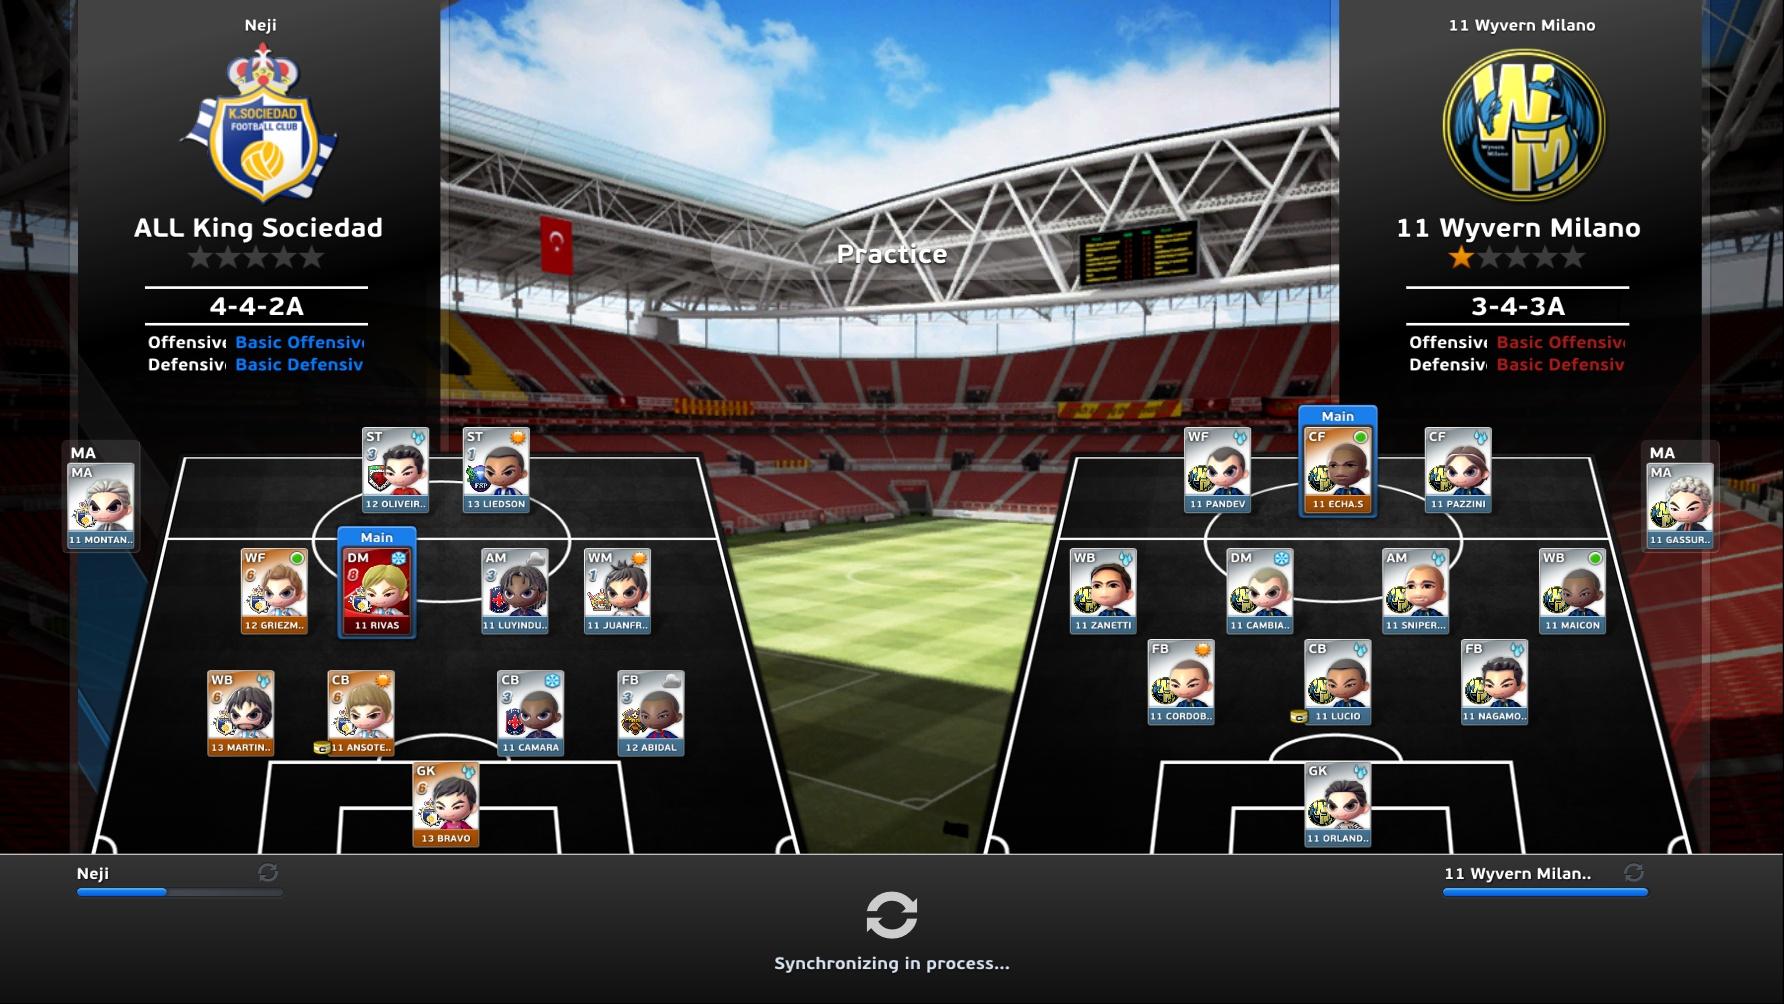 احدث العاب كرة القدم الرائعة Goley 2fyq.jpg